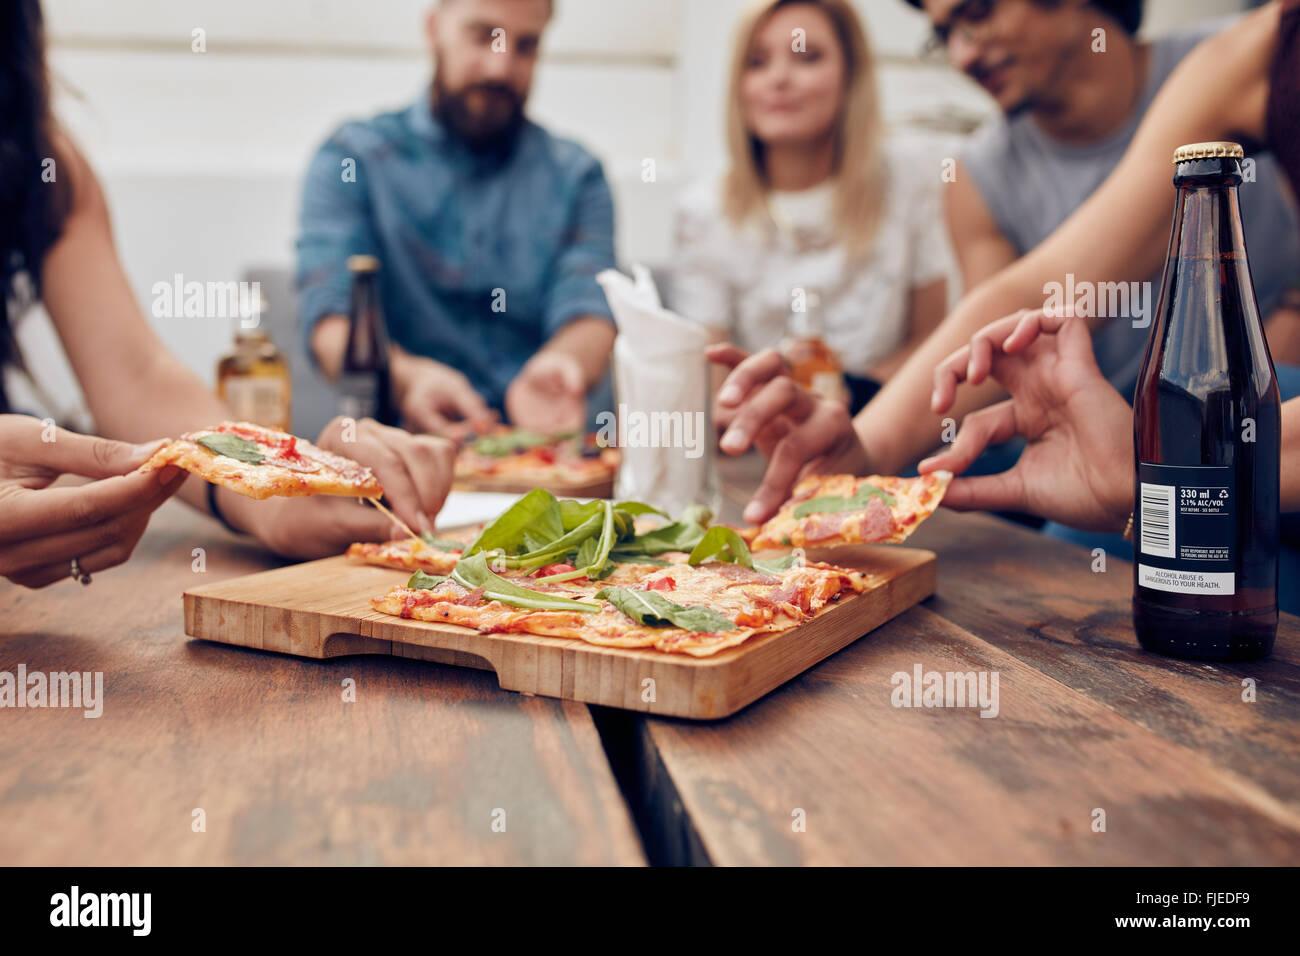 Gros plan de la pizza sur la table, avec groupe de jeunes gens assis autour et en ramassant une partie. Les amis Photo Stock